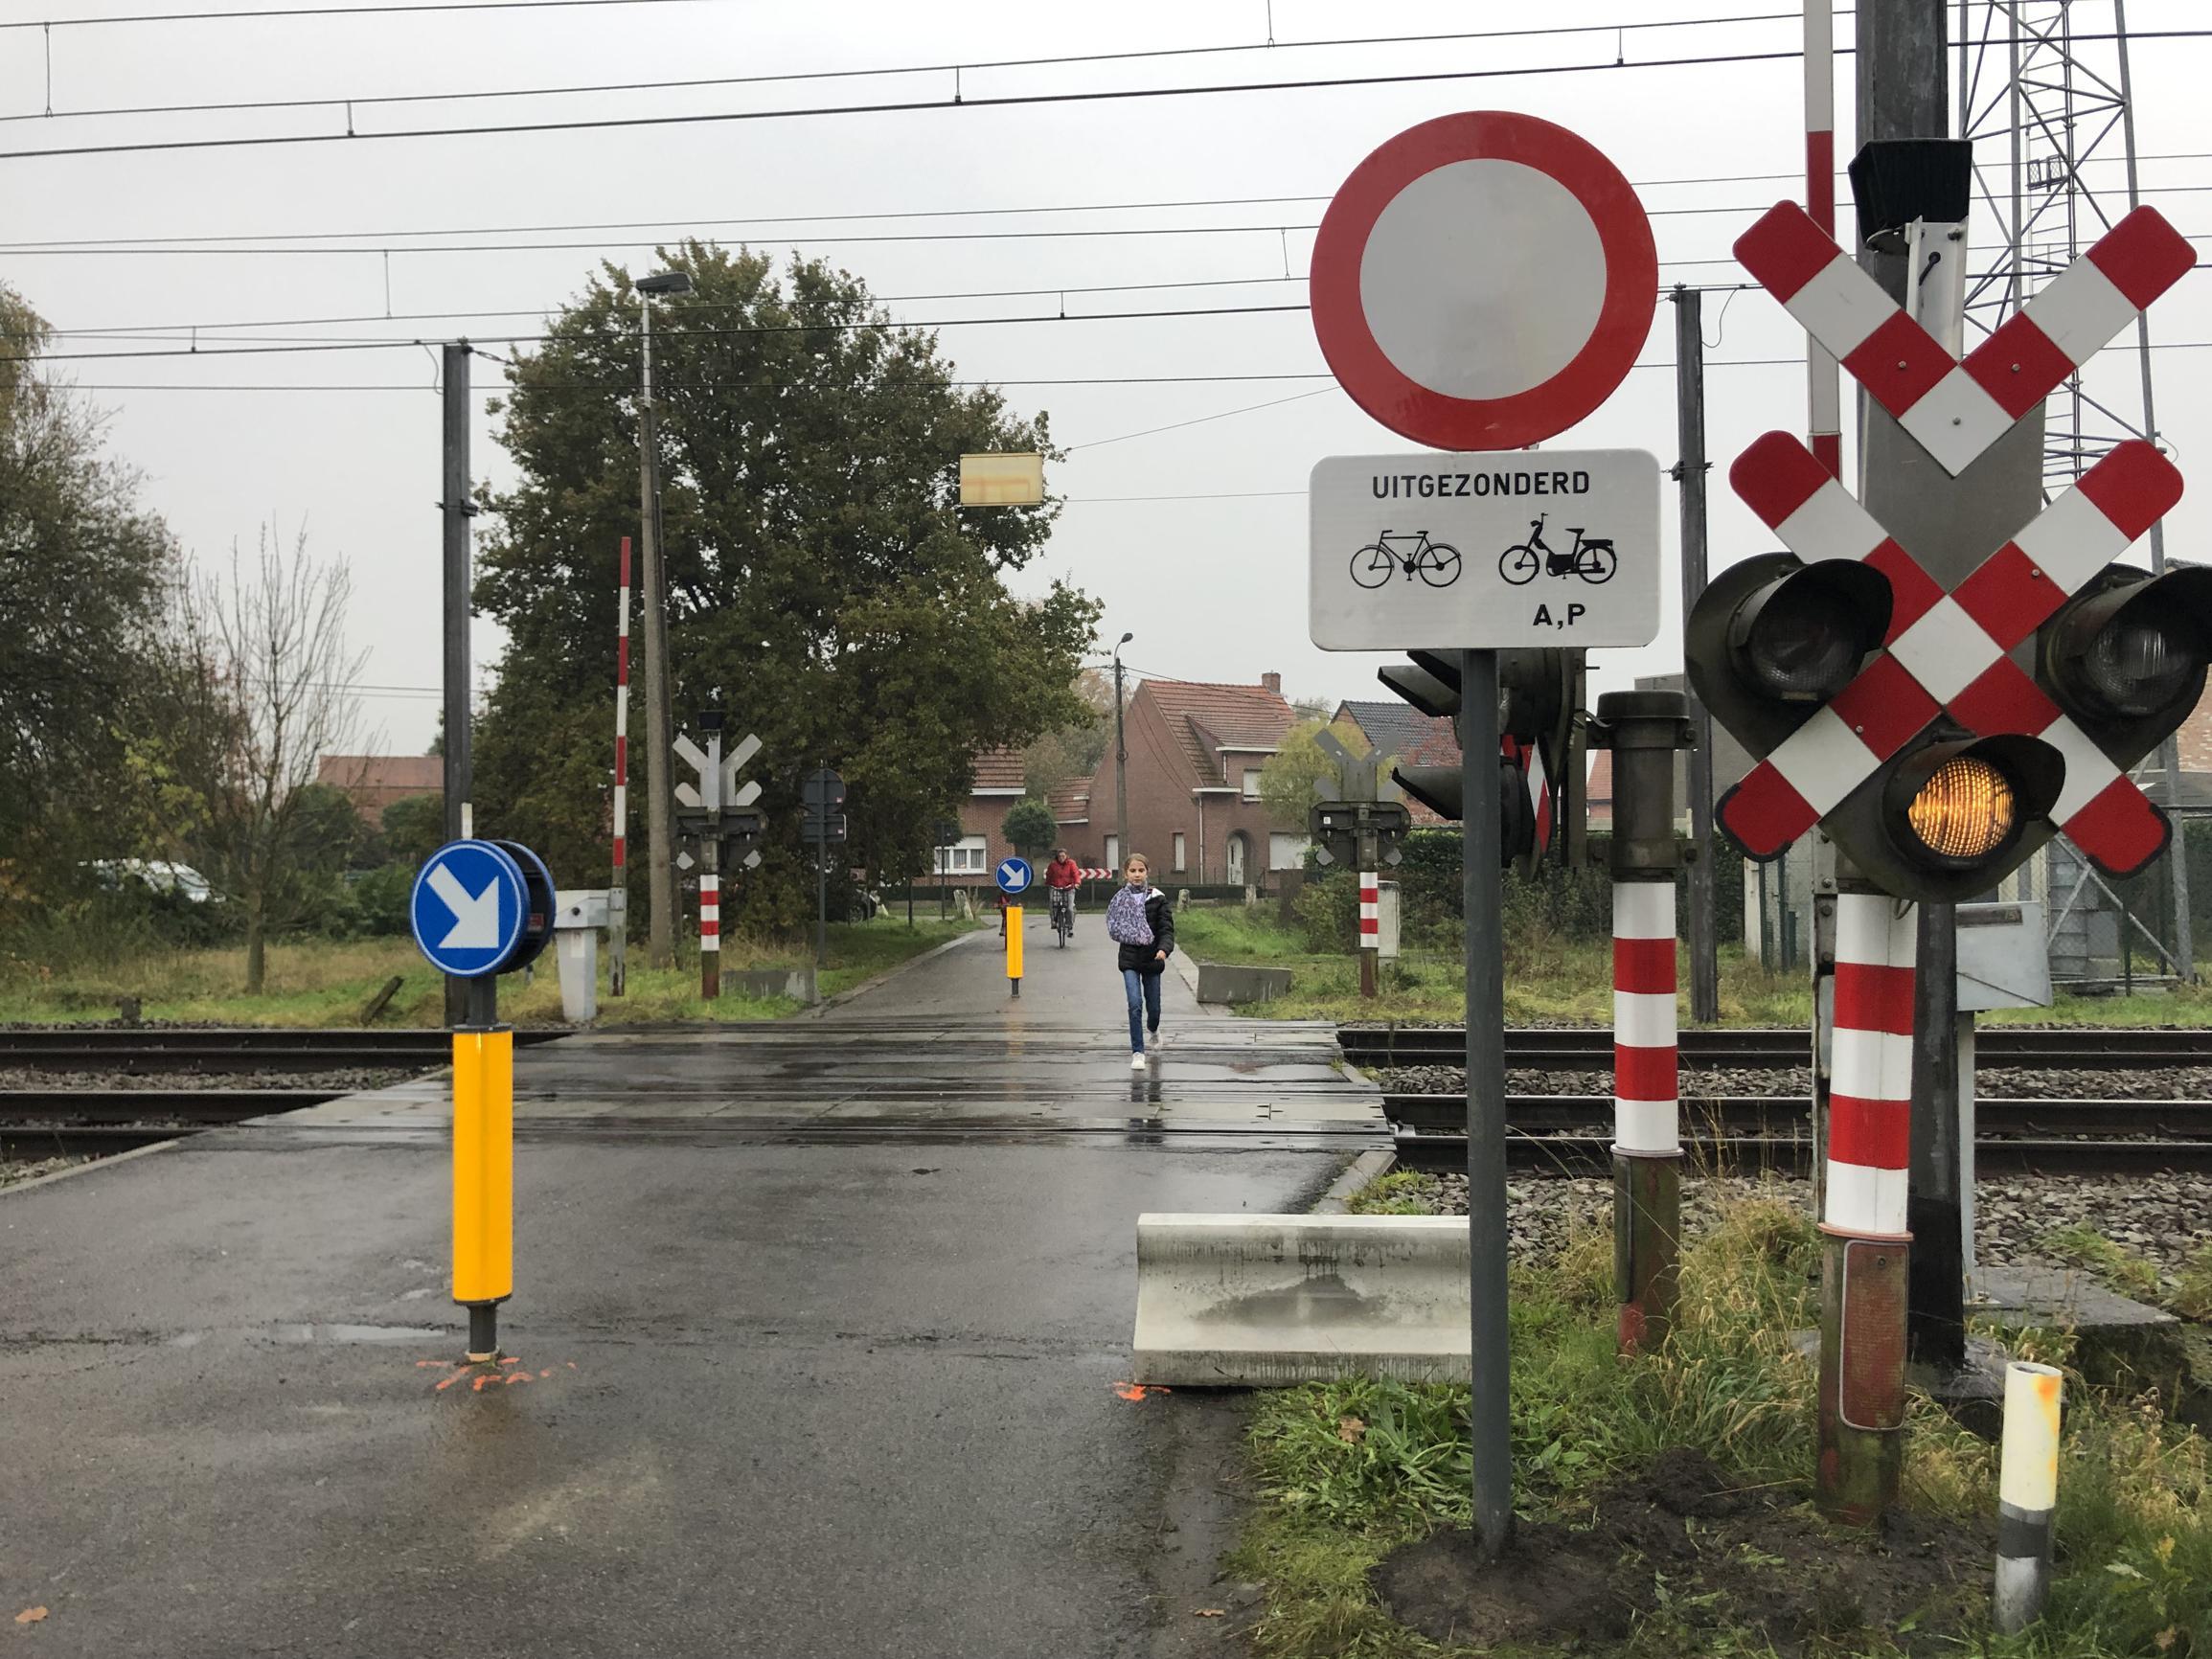 Overweg dicht voor vrachtwagens en auto's, buren vrezen voor bereikbaarheid - Het Nieuwsblad